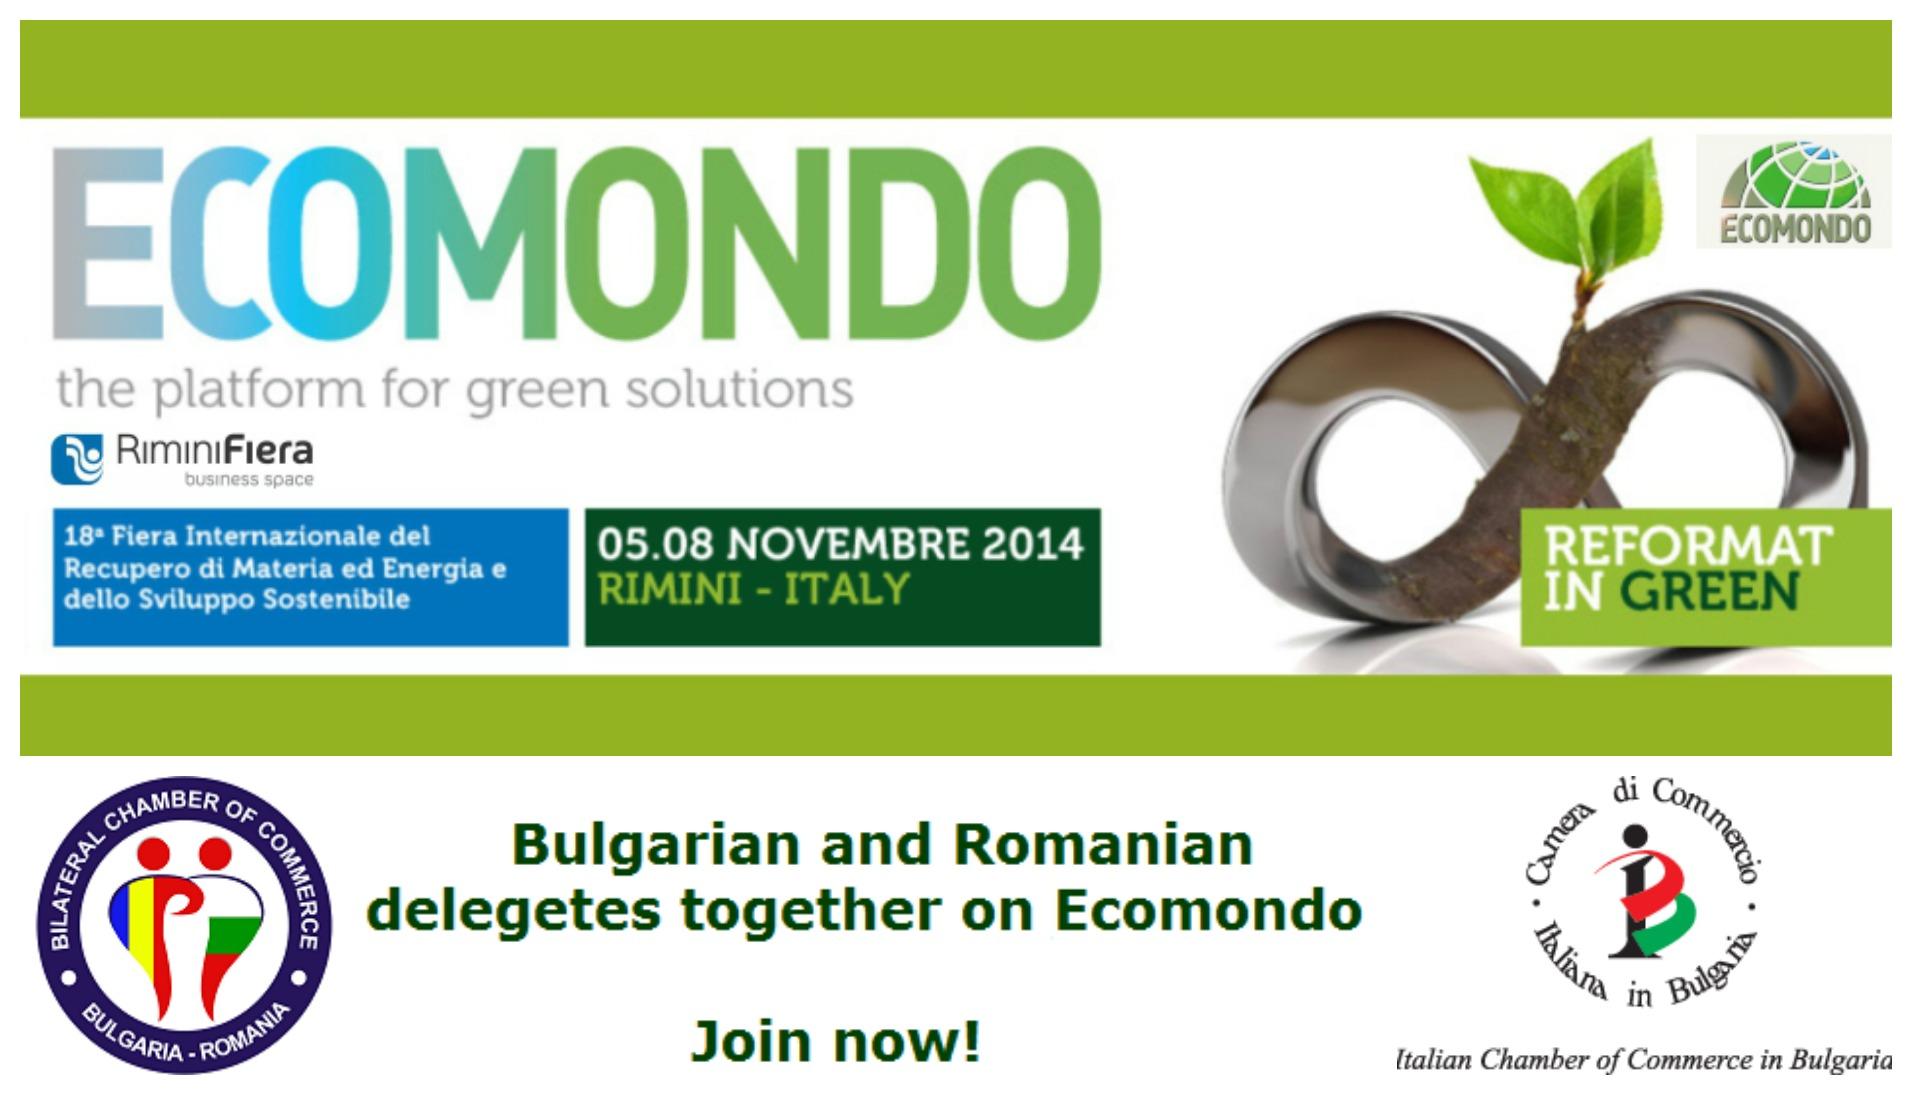 Ecomondo 2014